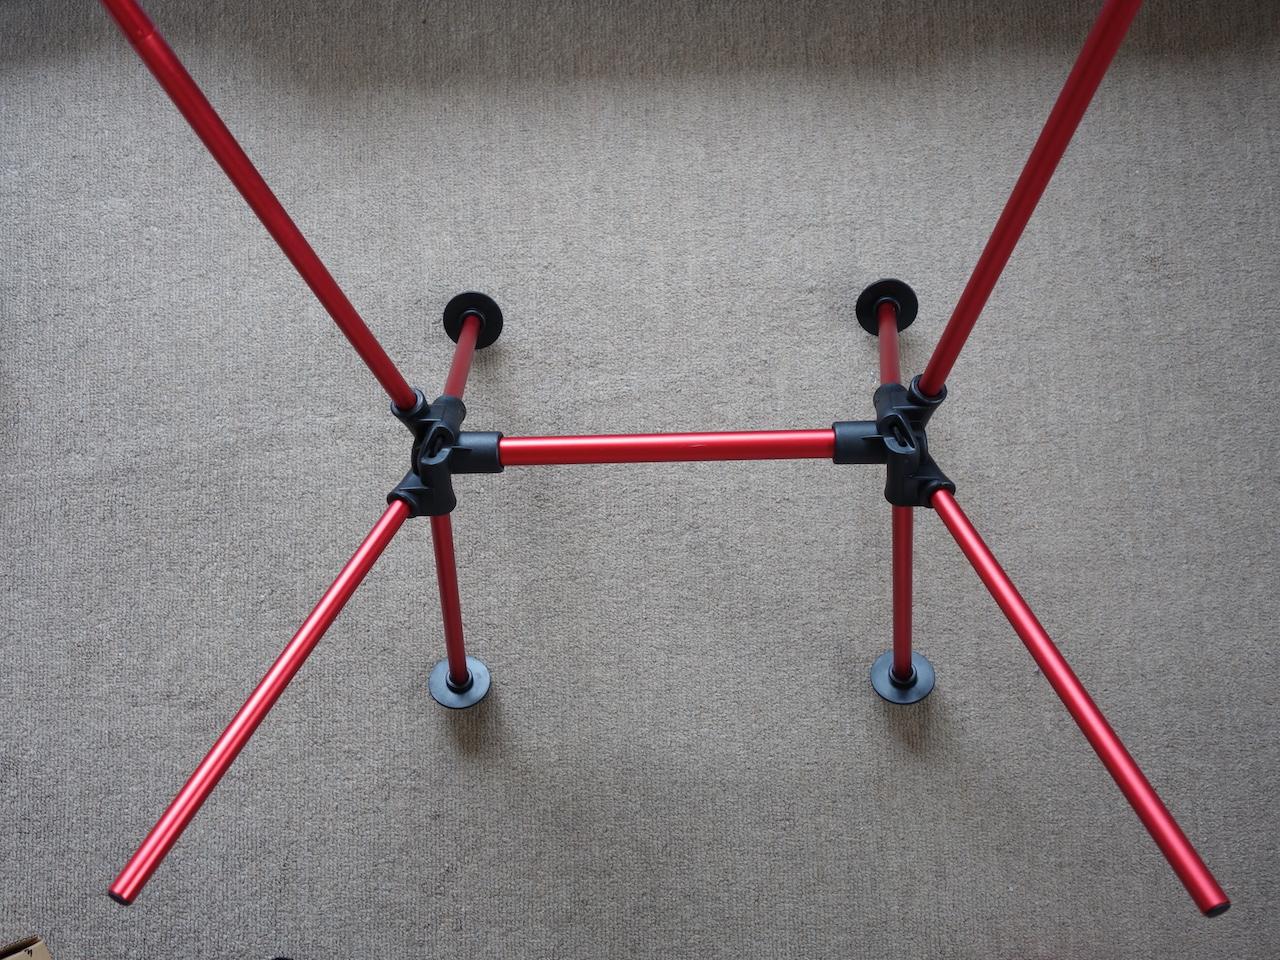 コンパクトに収納できる折りたたみチェアがキャンプや車中泊で役立ちそう